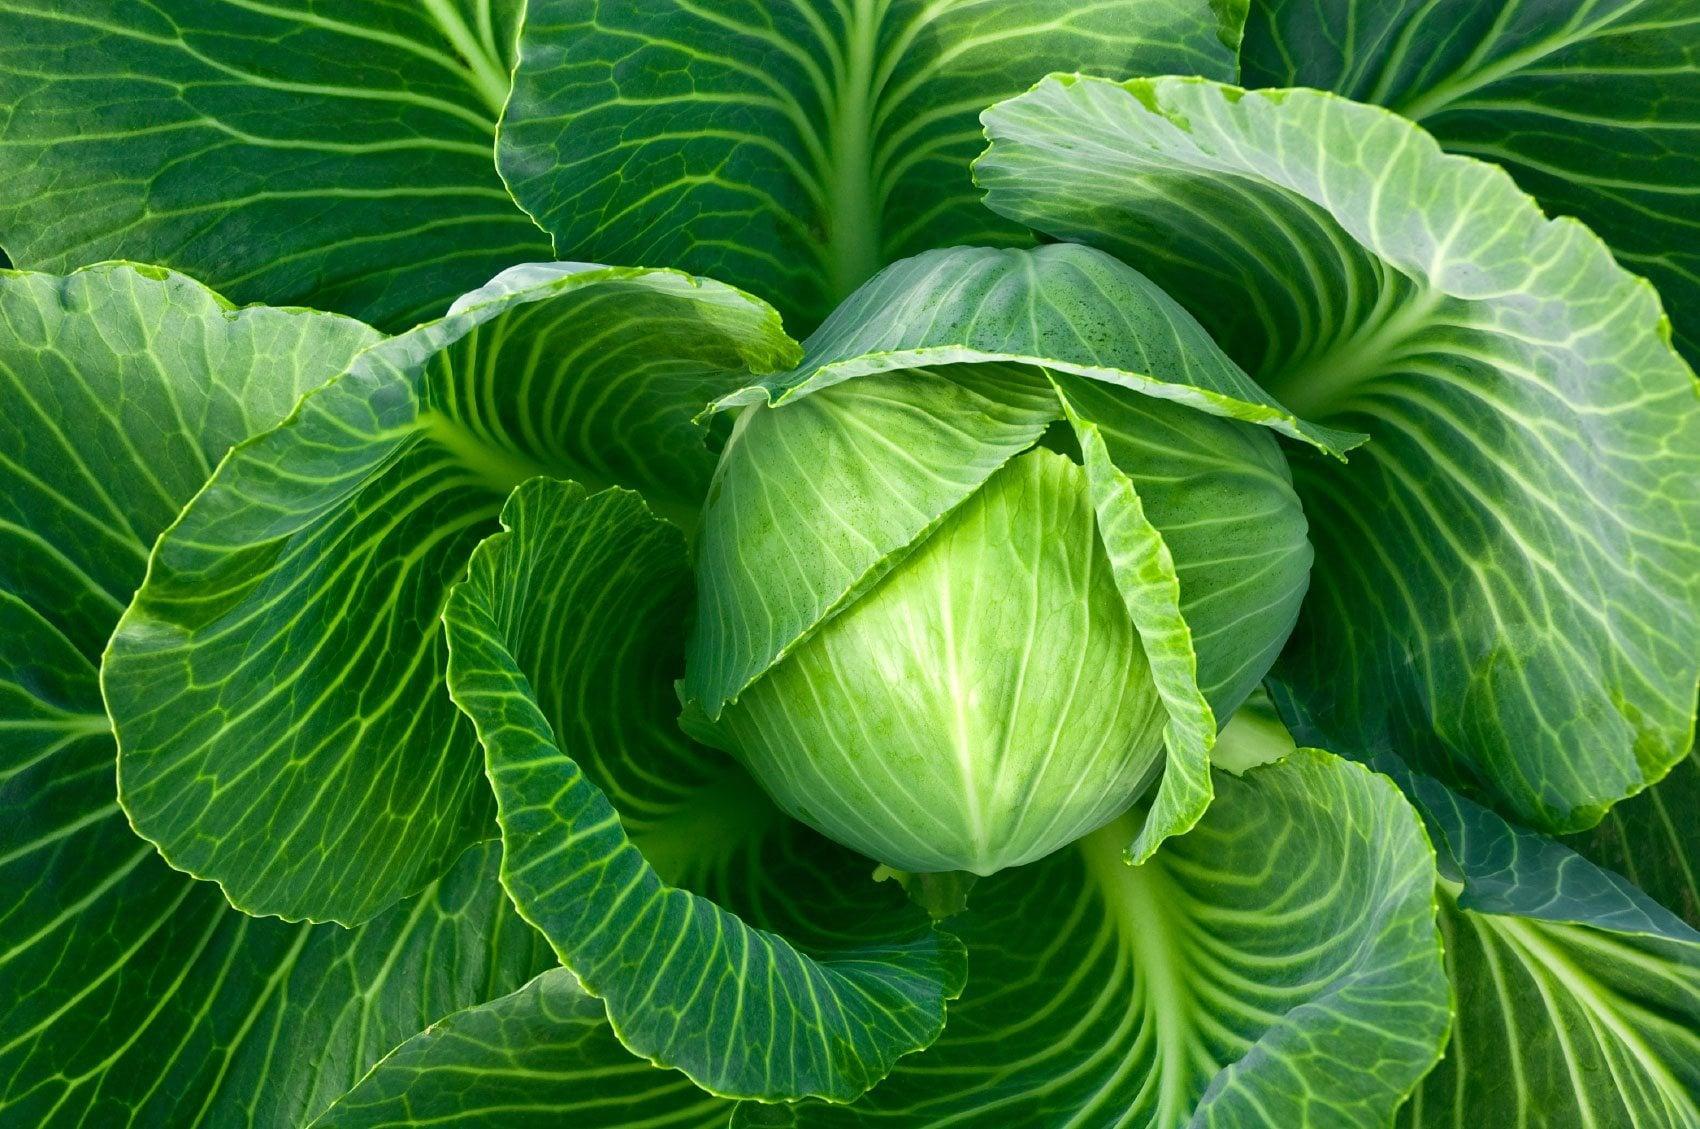 В Интерагро отметили необходимость обновления хранилищ для капусты и свеклы в стране